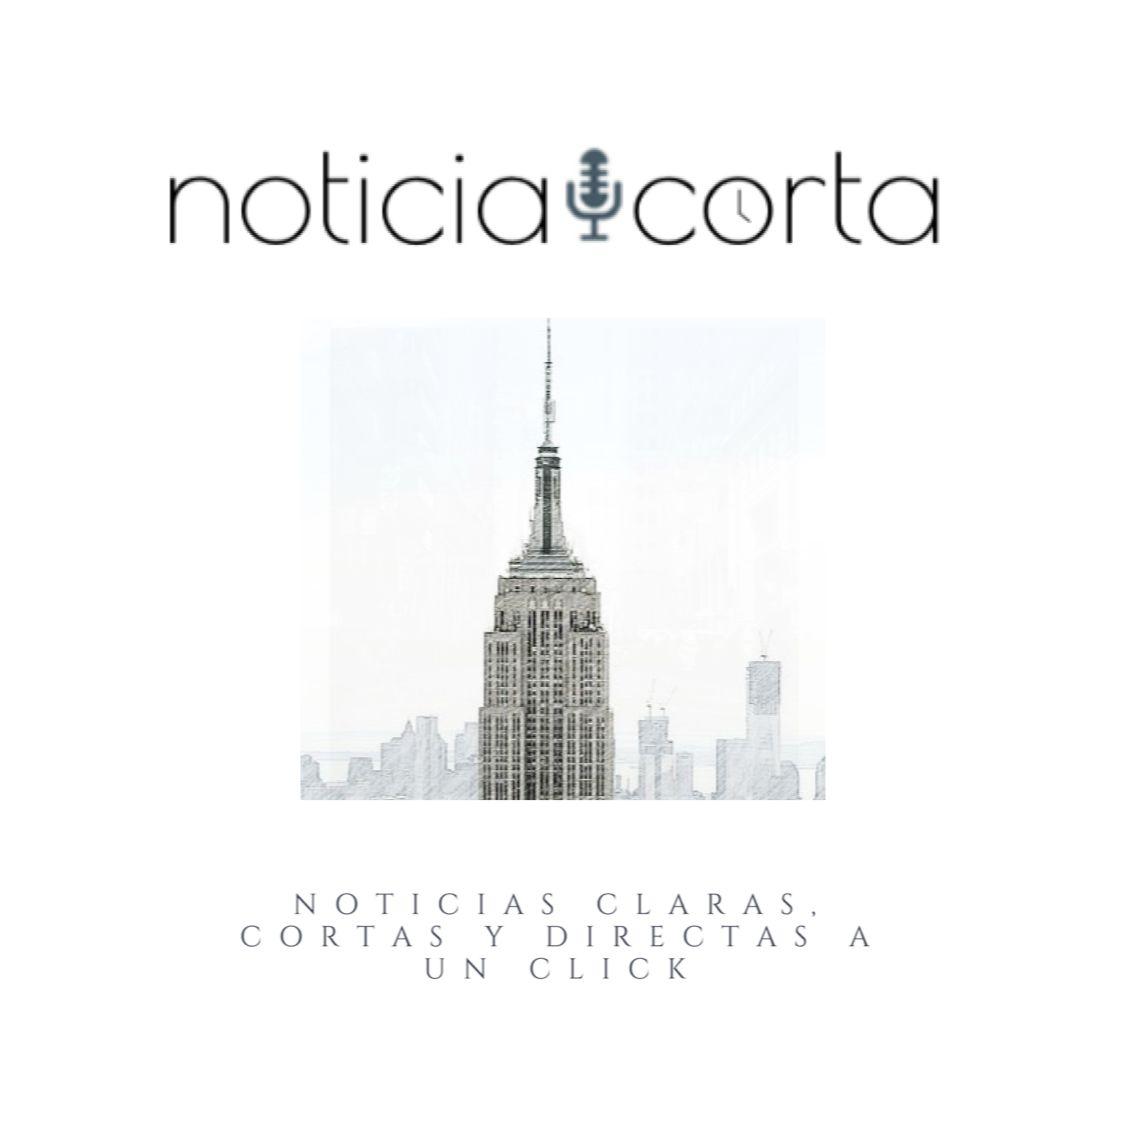 Noticia Corta